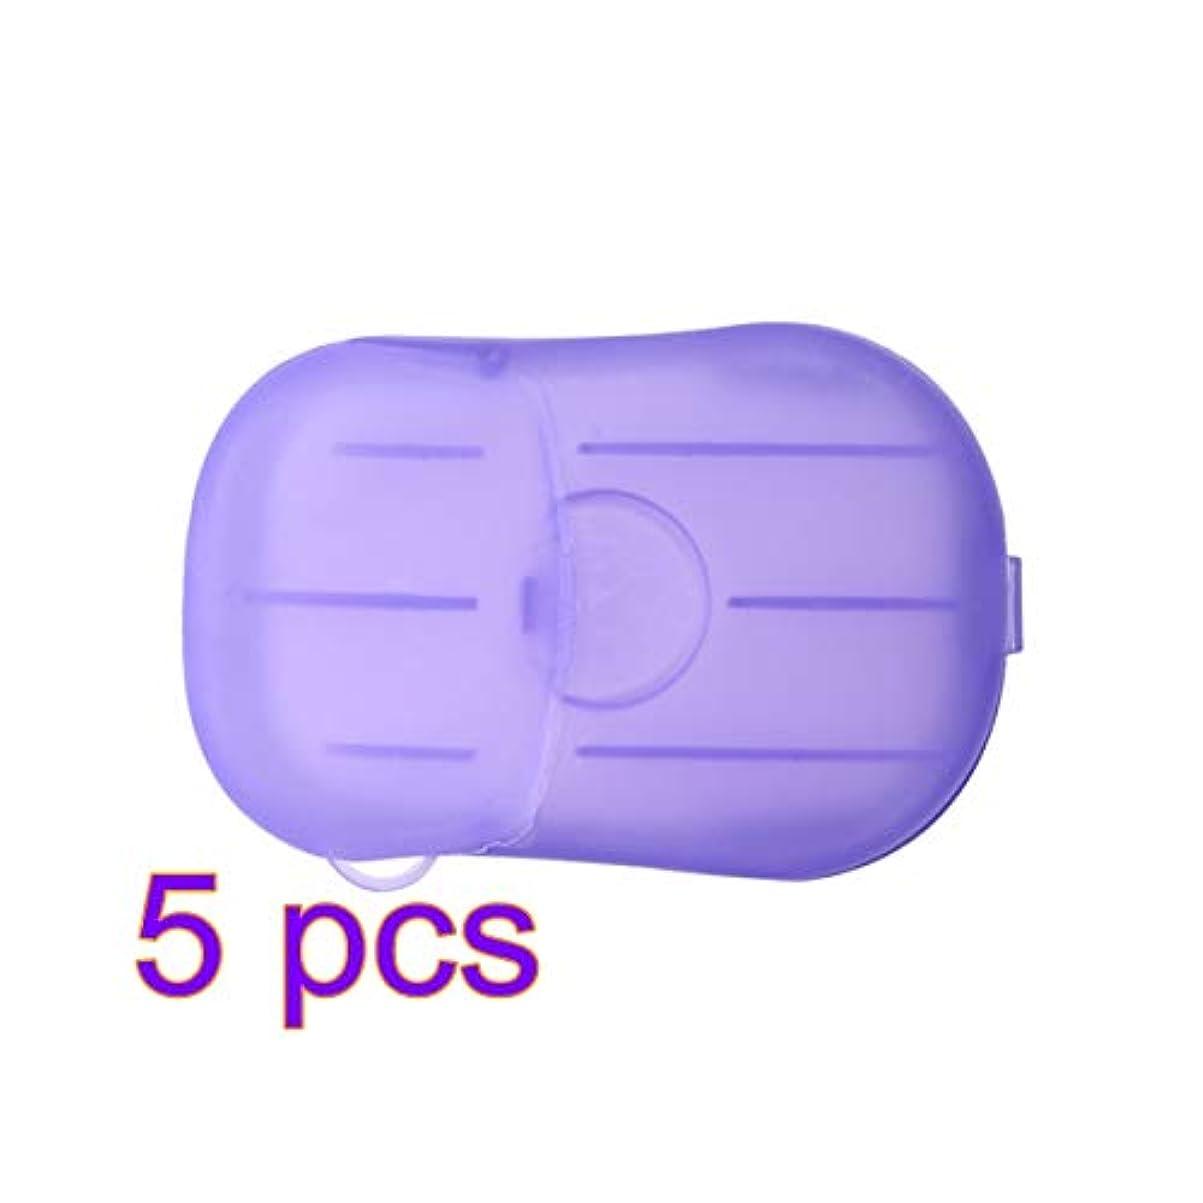 職人鮮やかな床を掃除するLIOOBO 5セットポータブルソープペーパー使い捨て手洗いペーパーソープスライスシーツ子供用大人トイレ旅行屋外用(パープル)